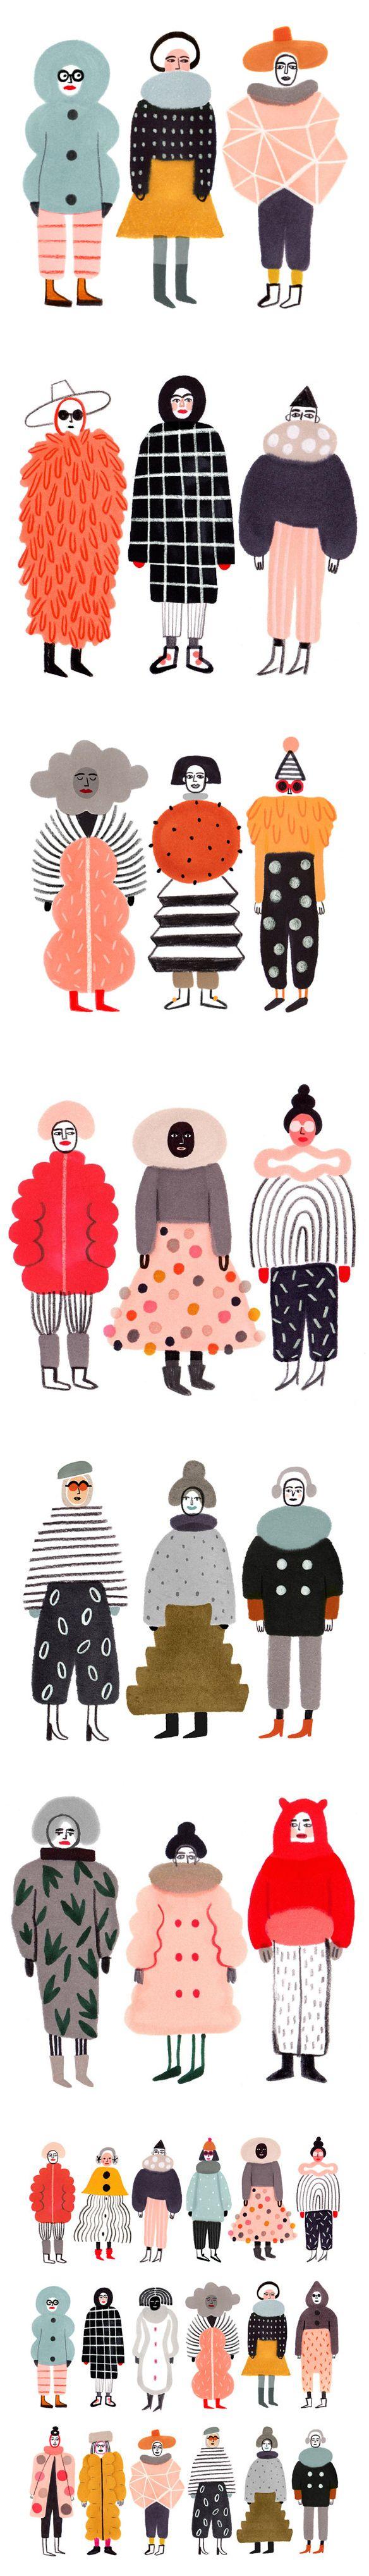 """""""stay warm"""" series by ilka mészely <3"""